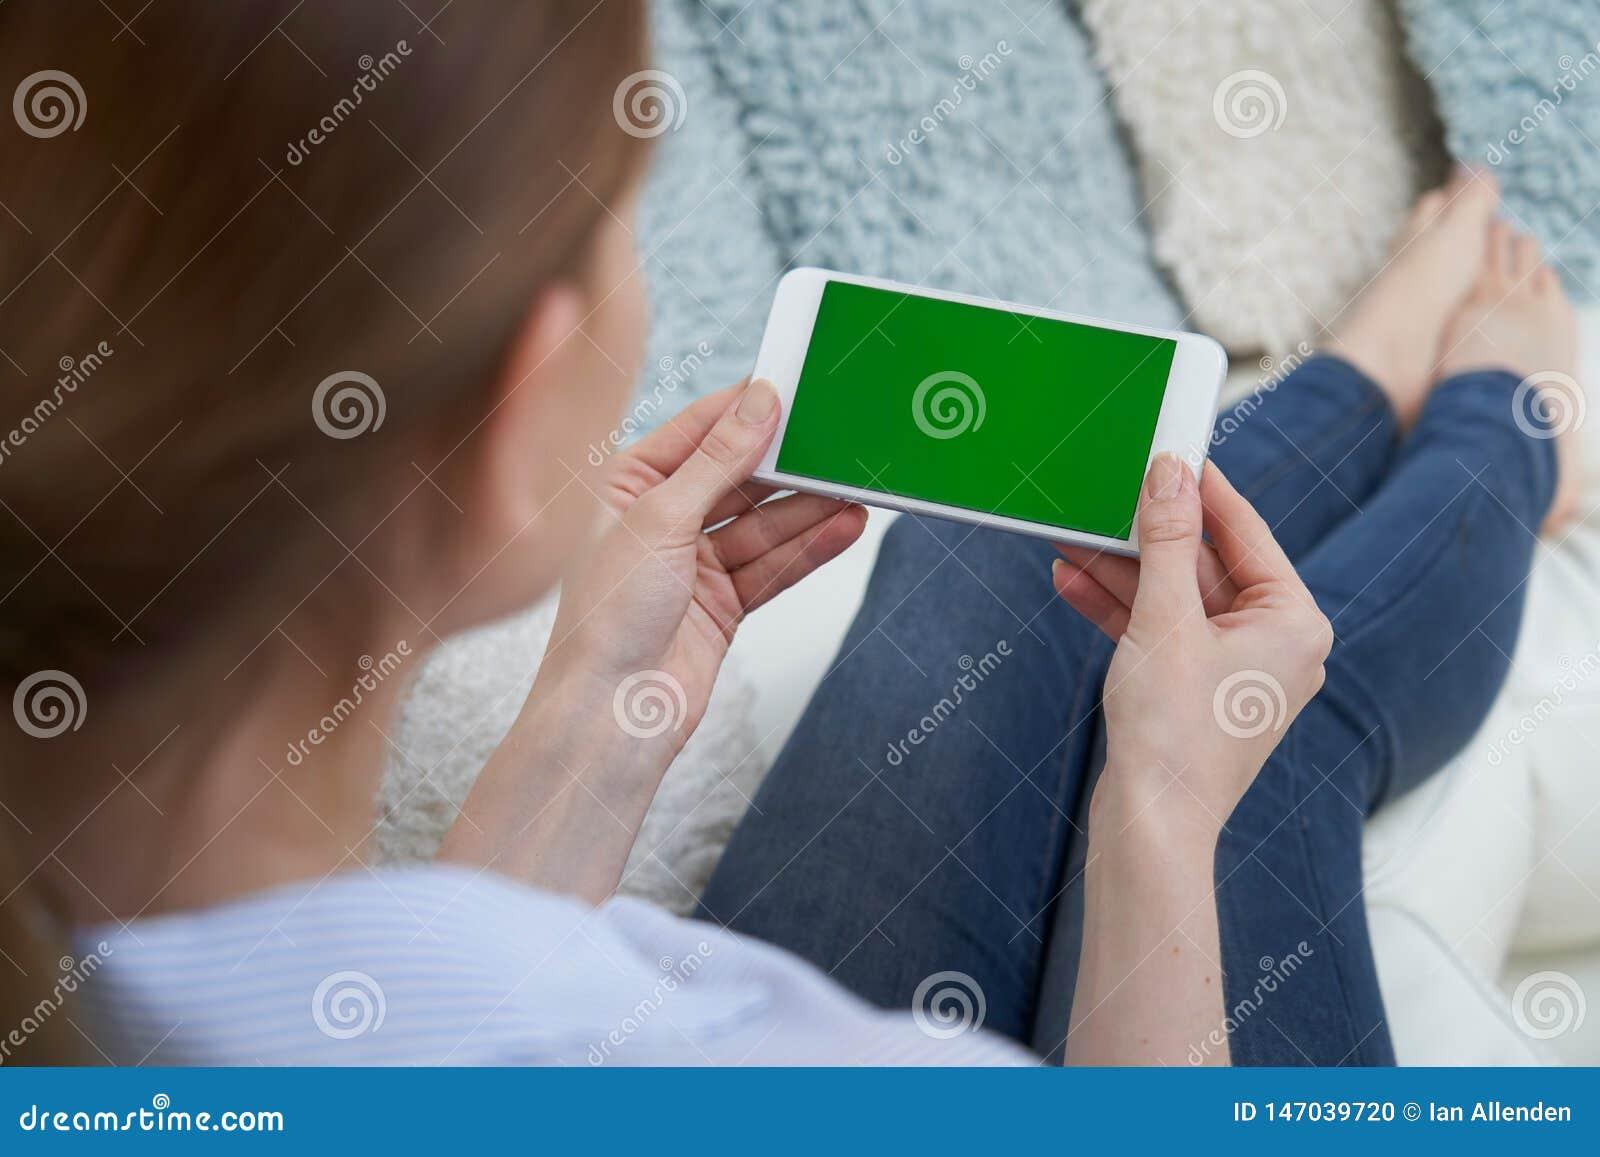 Over The Shoulder Weergeven van Vrouw het Liggen op Sofa Using Green Screen Mobile-Telefoon thuis